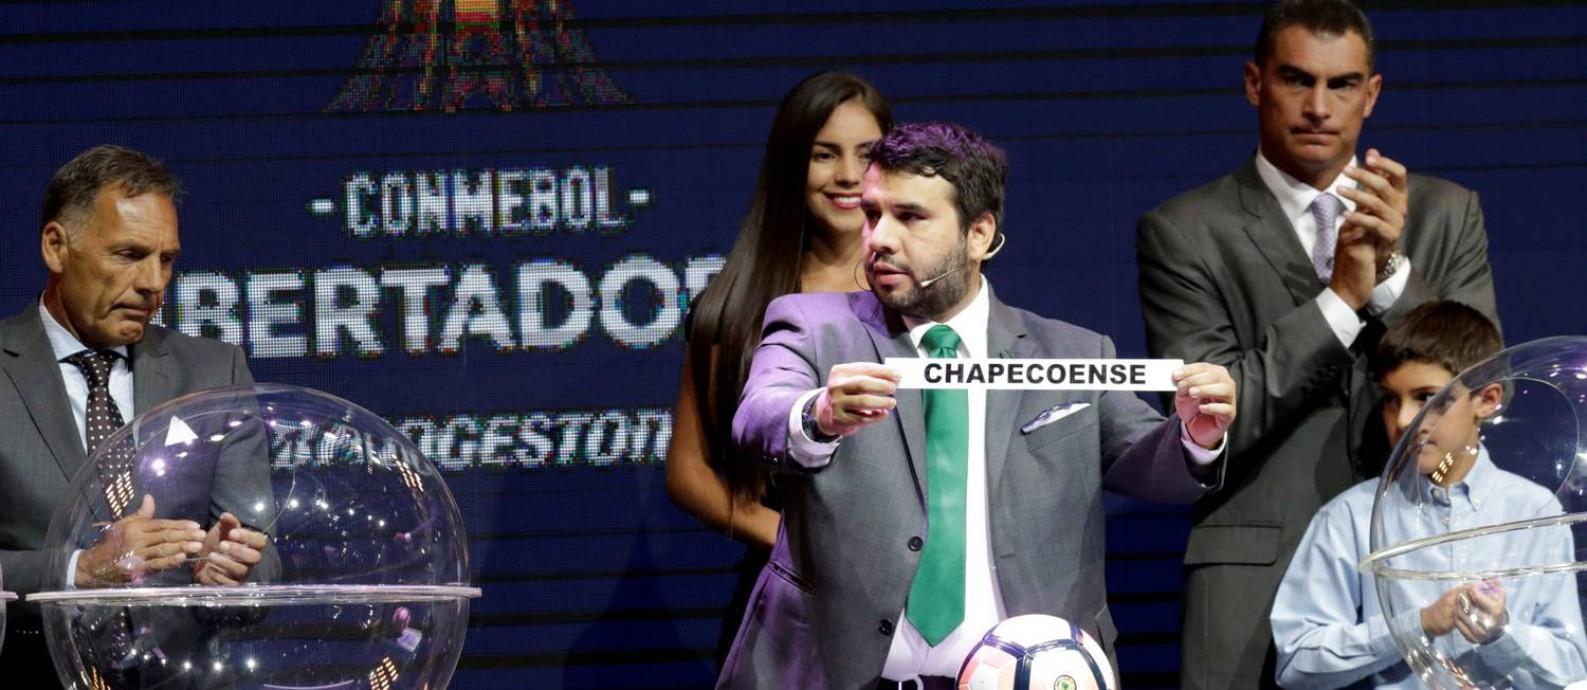 Chapecoense caiu no Grupo 7, com Nacional (URU), Lanús (ARG) e um adversário a definir Foto: JORGE ADORNO / REUTERS